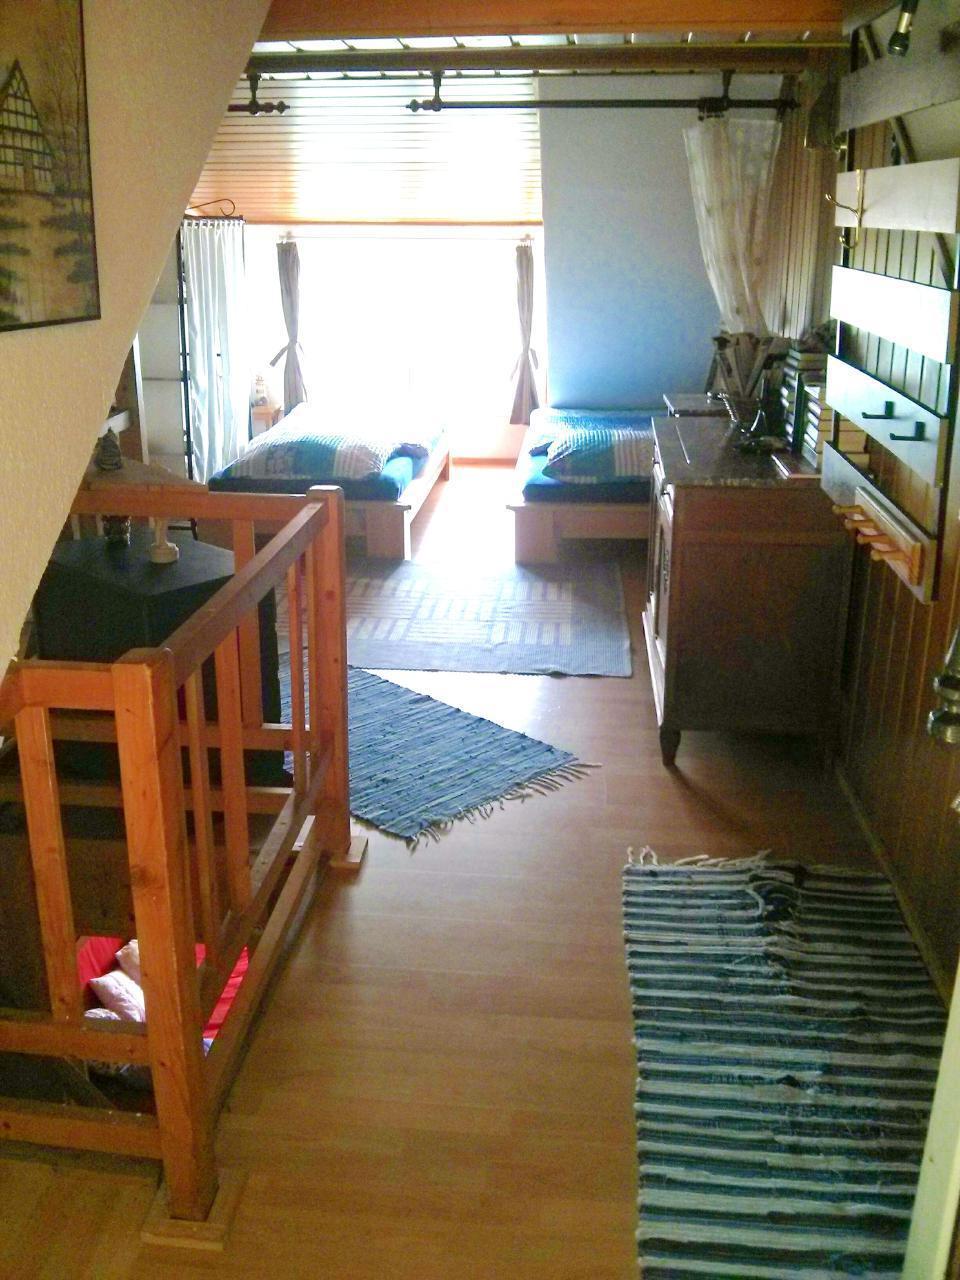 Ferienwohnung Maisonette-Whg. 2 geschossig FeWo1 (377380), Blankenheim, Eifel (Nordrhein Westfalen) - Nordeifel, Nordrhein-Westfalen, Deutschland, Bild 2